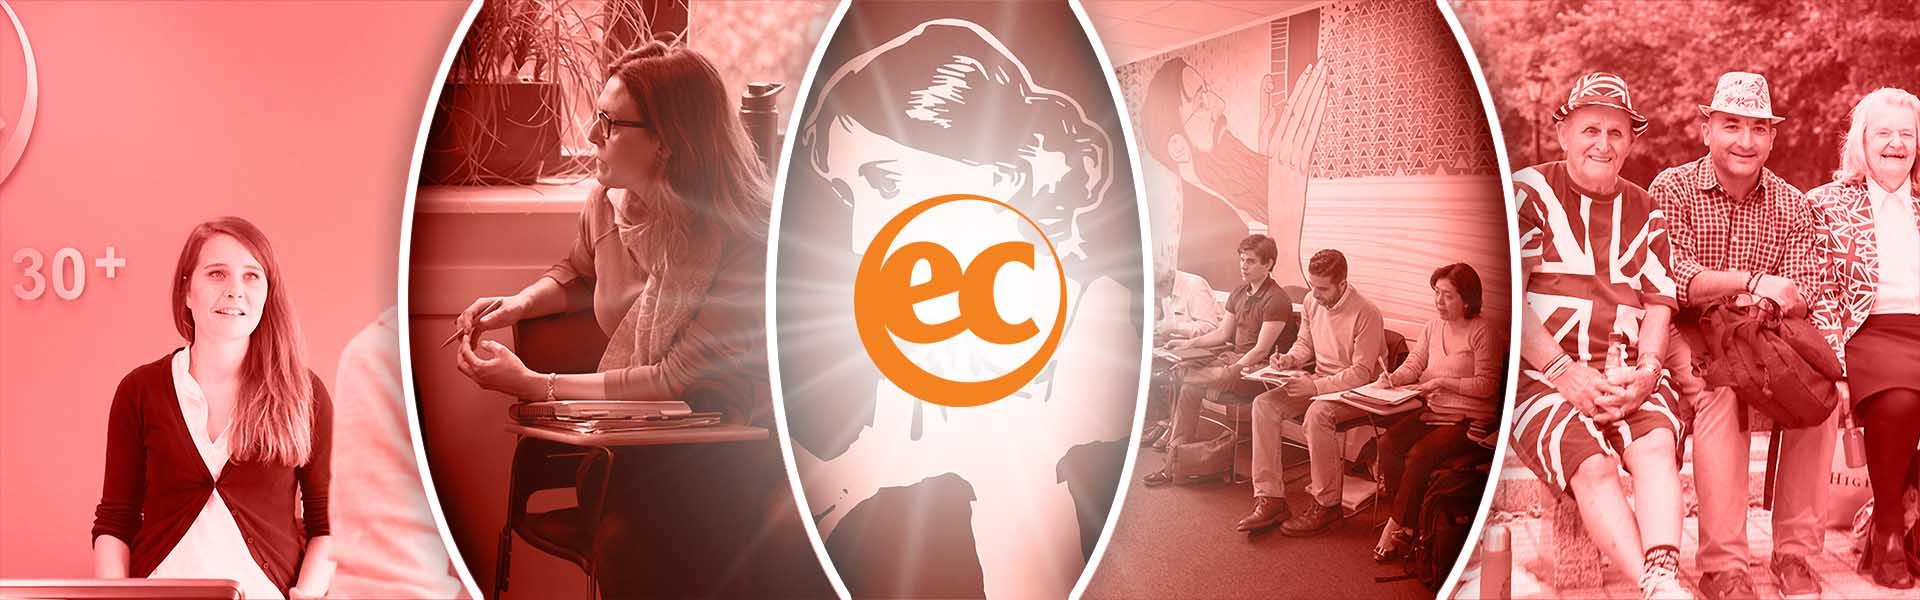 EC English London +30